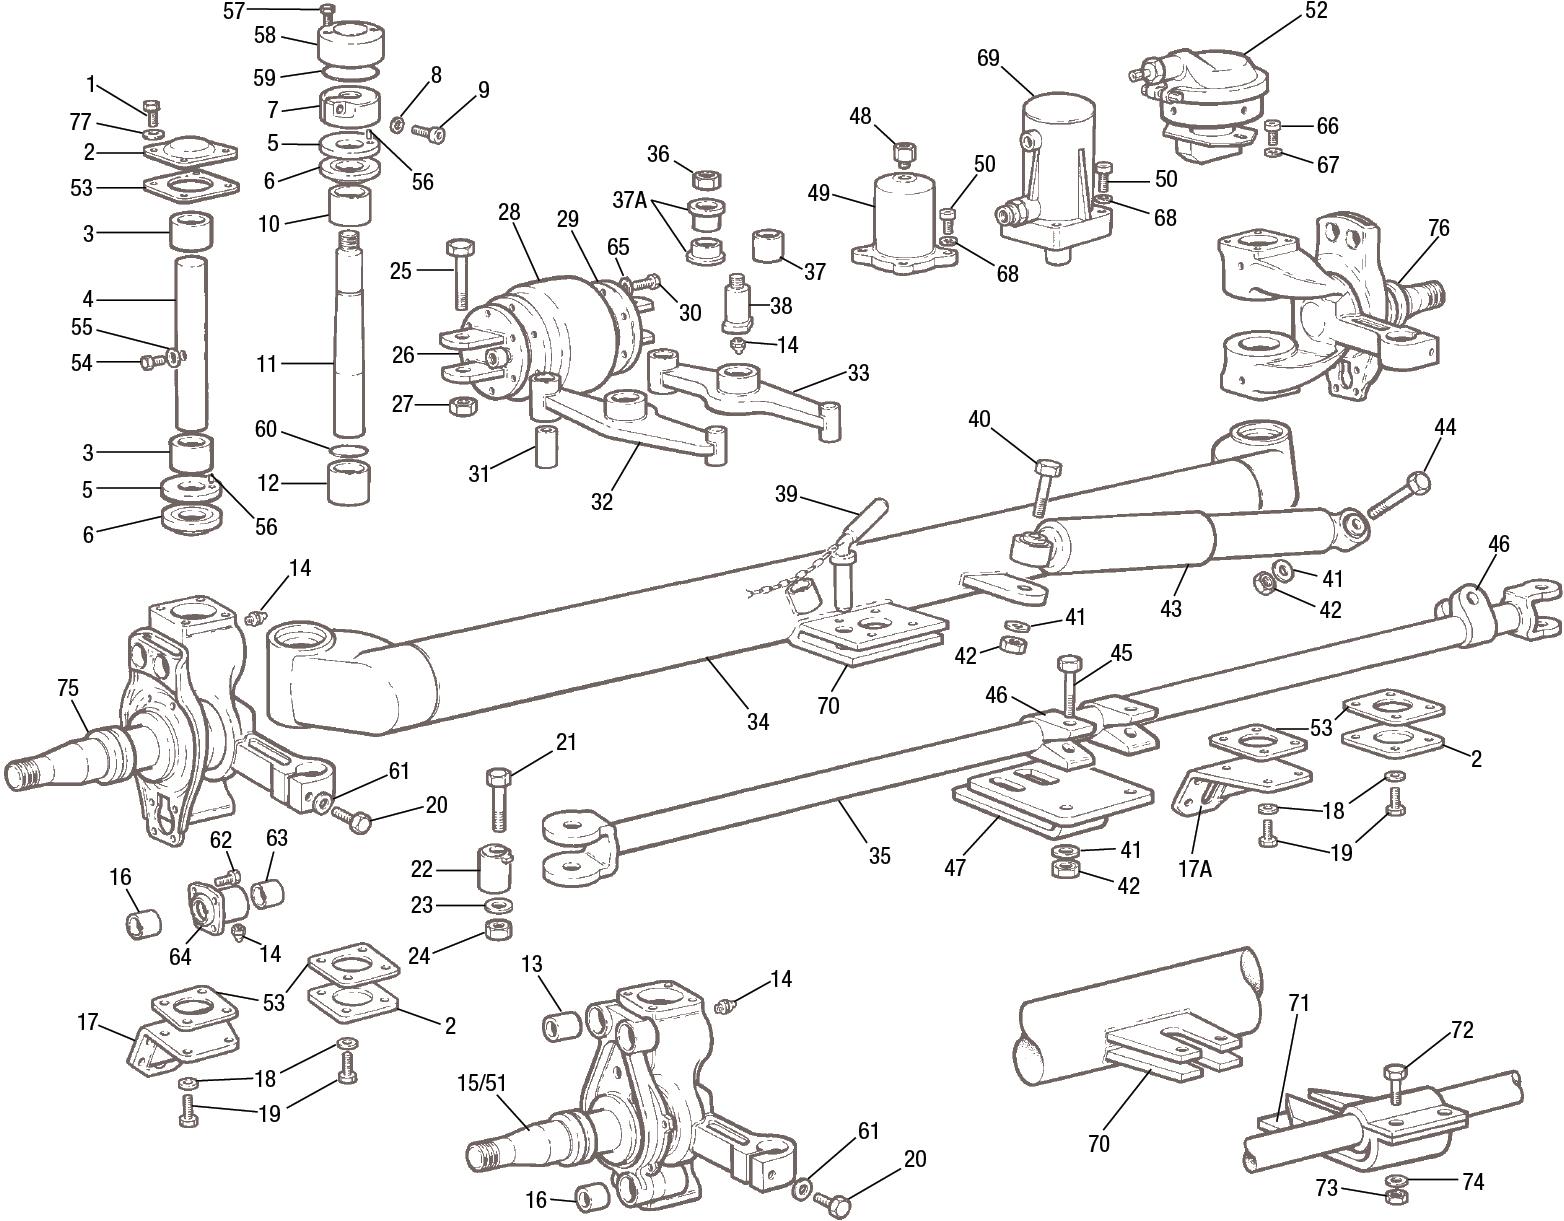 Meritor steer axle